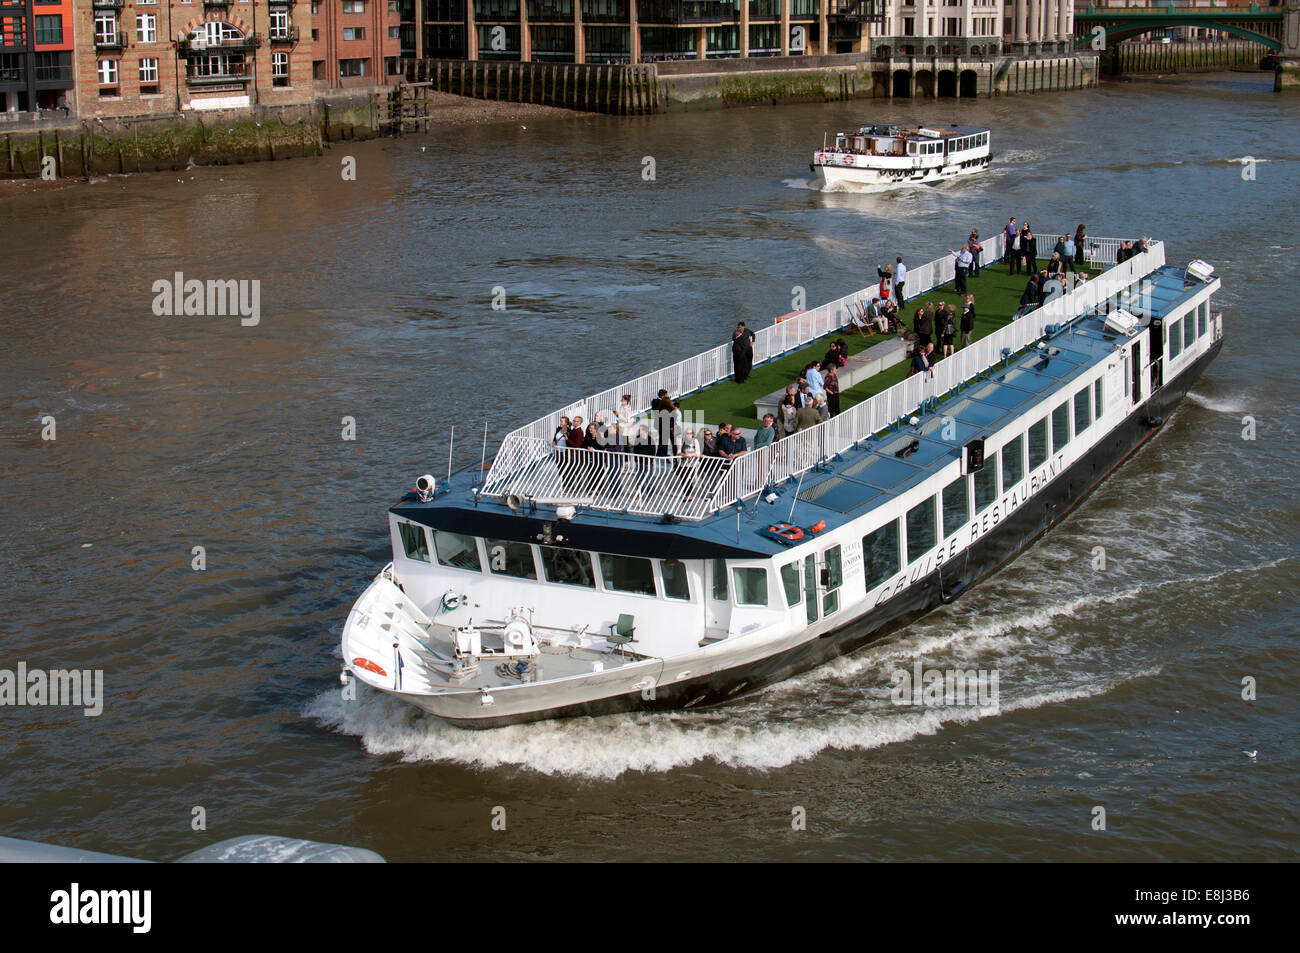 London Boat Restaurant Thames